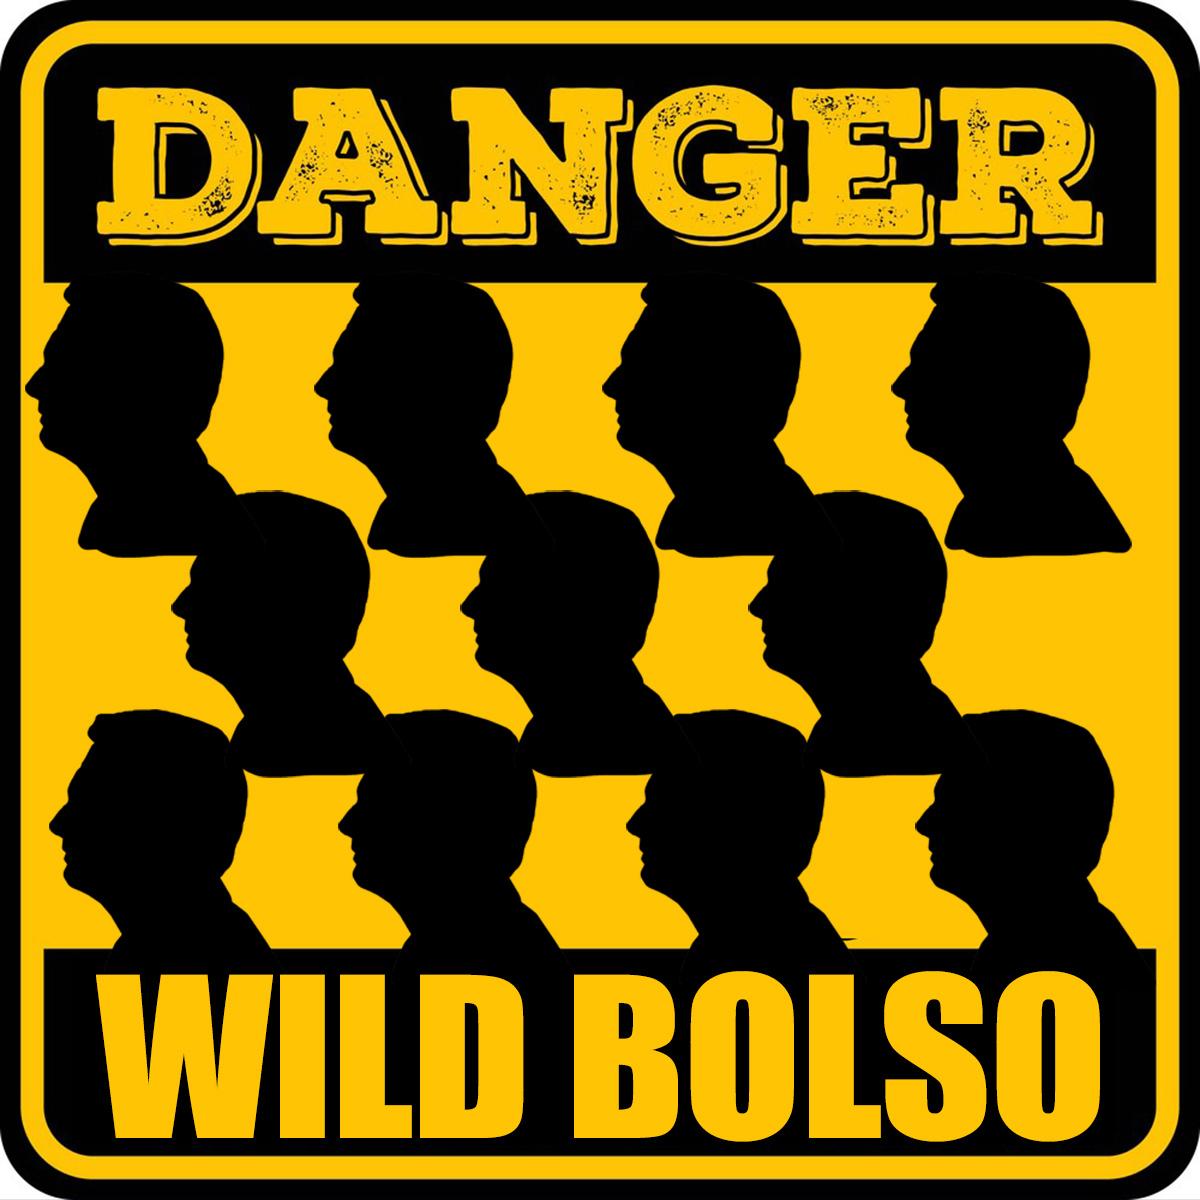 O Bolsonarus domesticus, ou java-bolso, é tido como um predador violento, que ataca suas vítimas com tuítes de Olavo de Carvalho